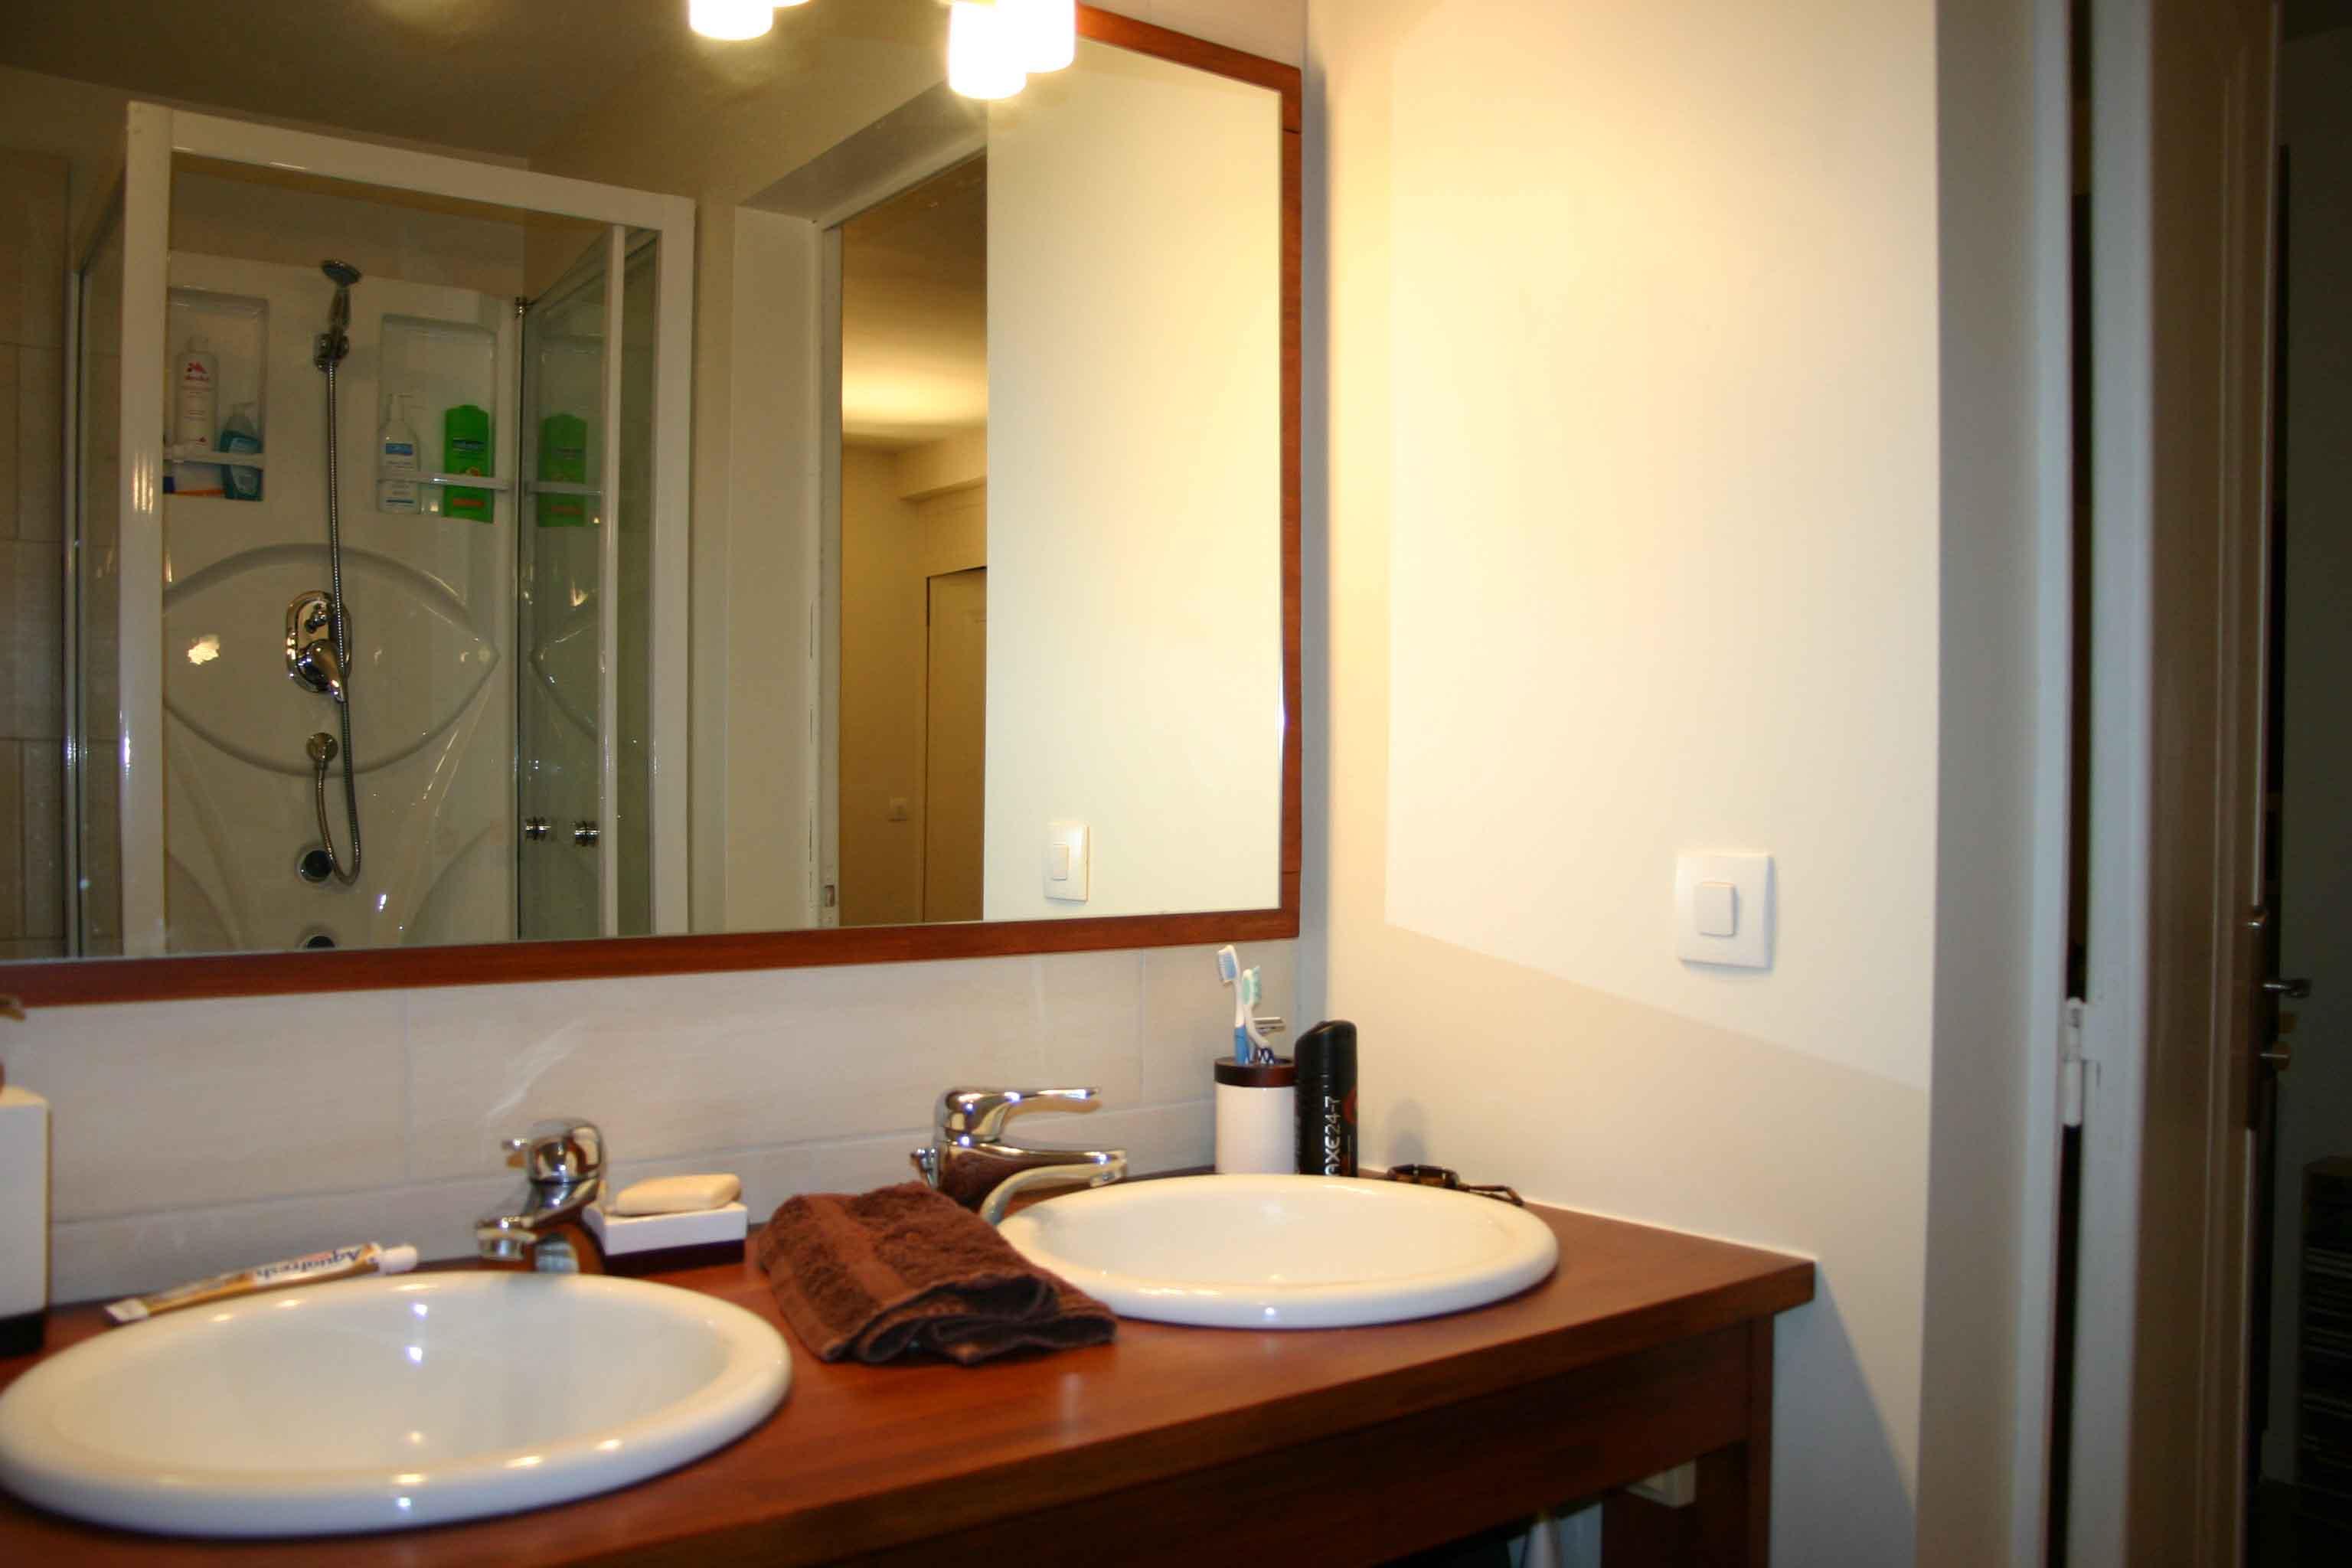 La salle de bain at v e n d u for Recherche meuble de salle de bain